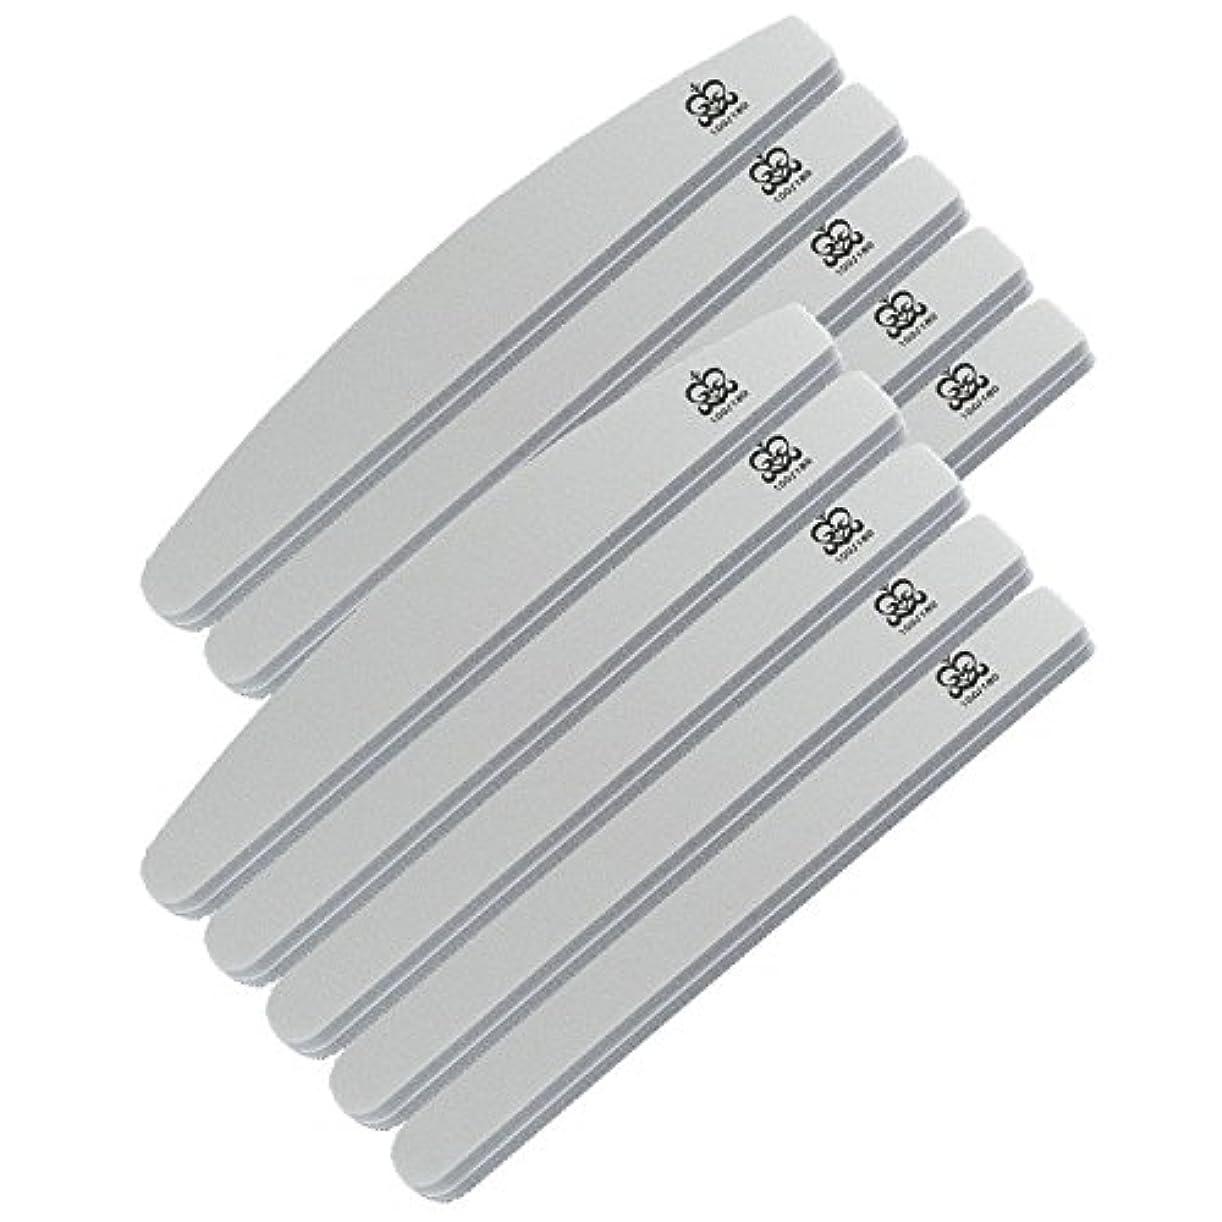 変装した応答五十ミクレア(MICREA) ミクレア プロフェッショナルスポンジファイル バリューパック ムーン型 100/180 10本入